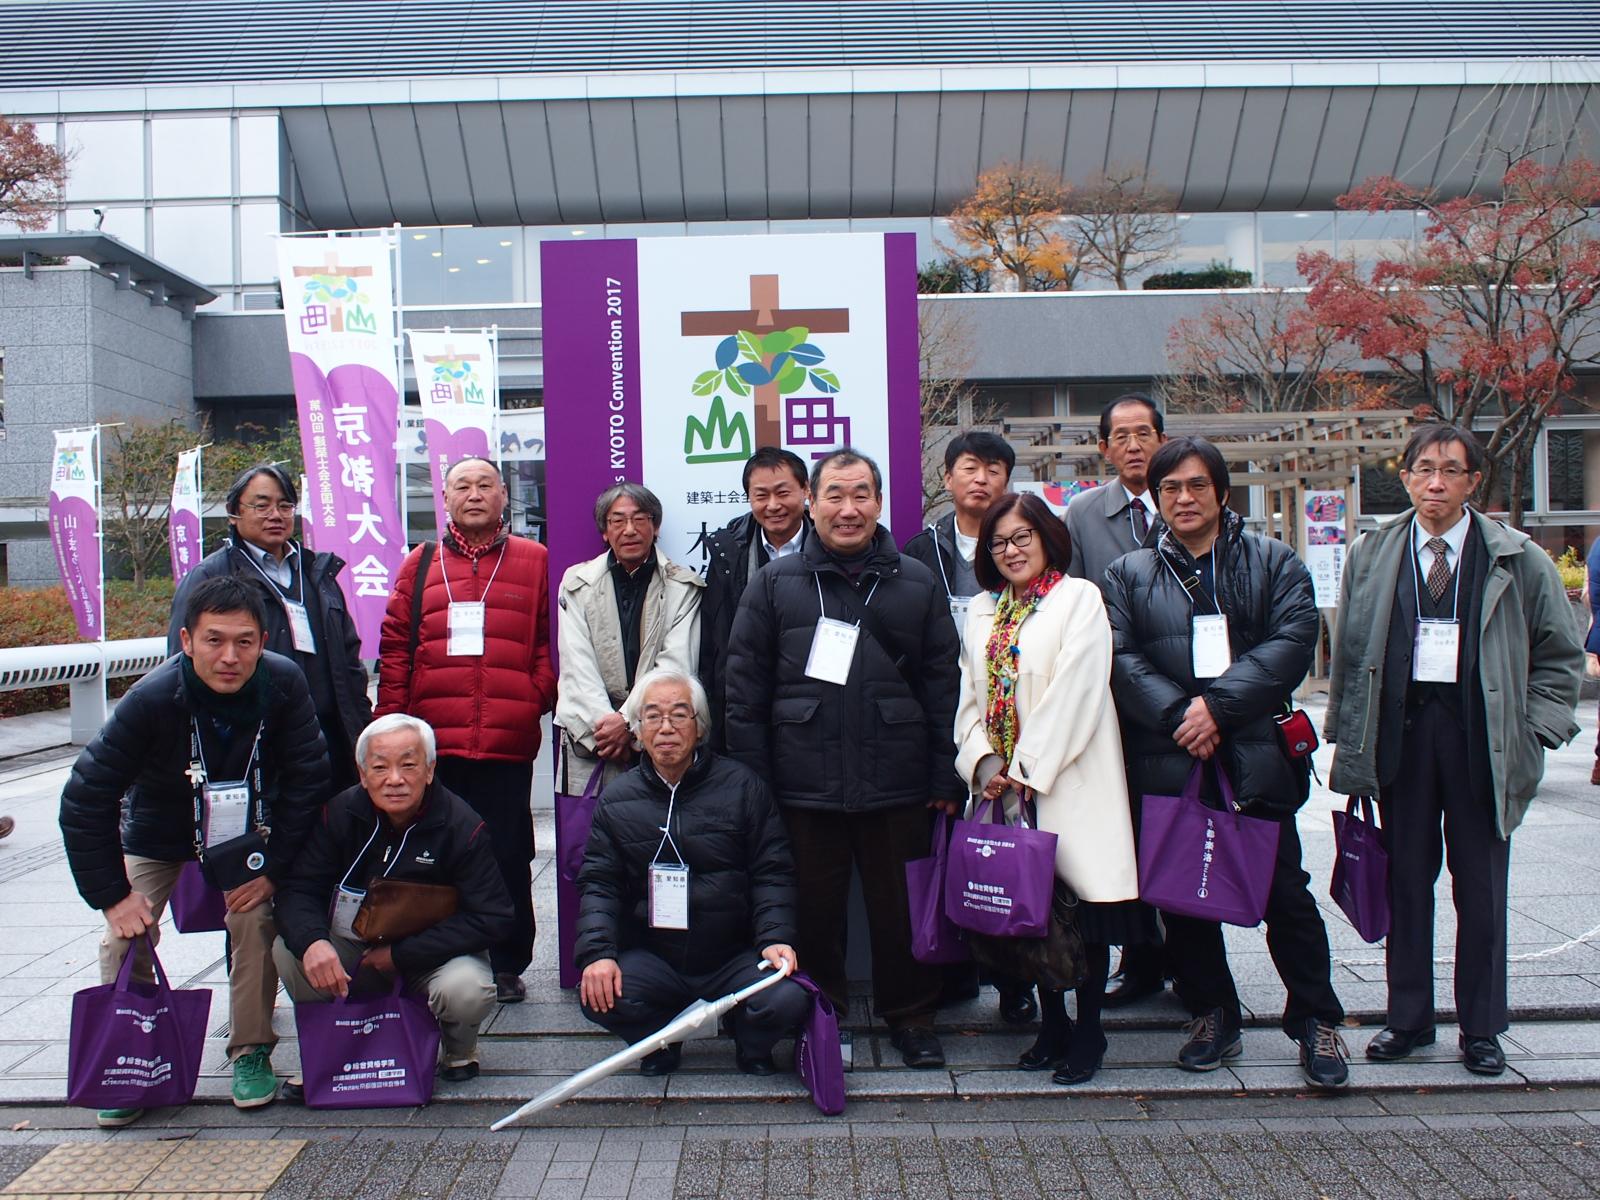 建築士会 全国大会in京都 参加